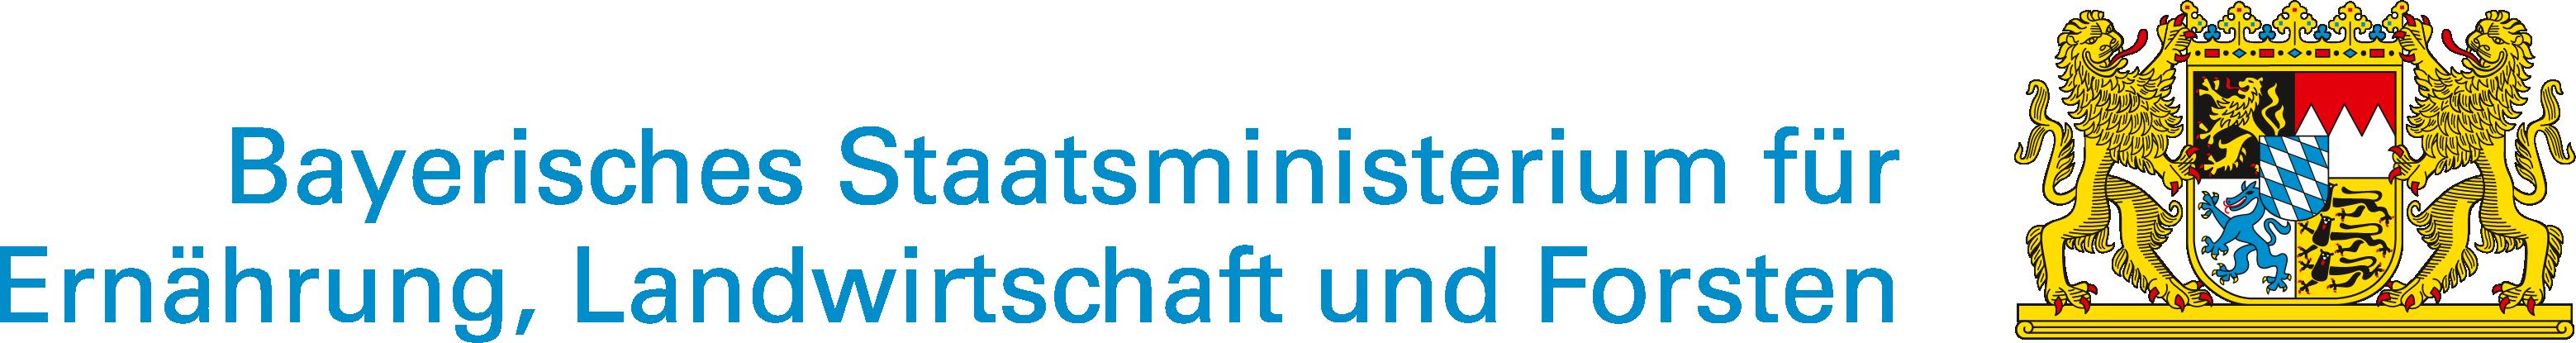 Logo des Bayerischen Staatsministerium für Ernährung, Landwirtschaft und Forsten